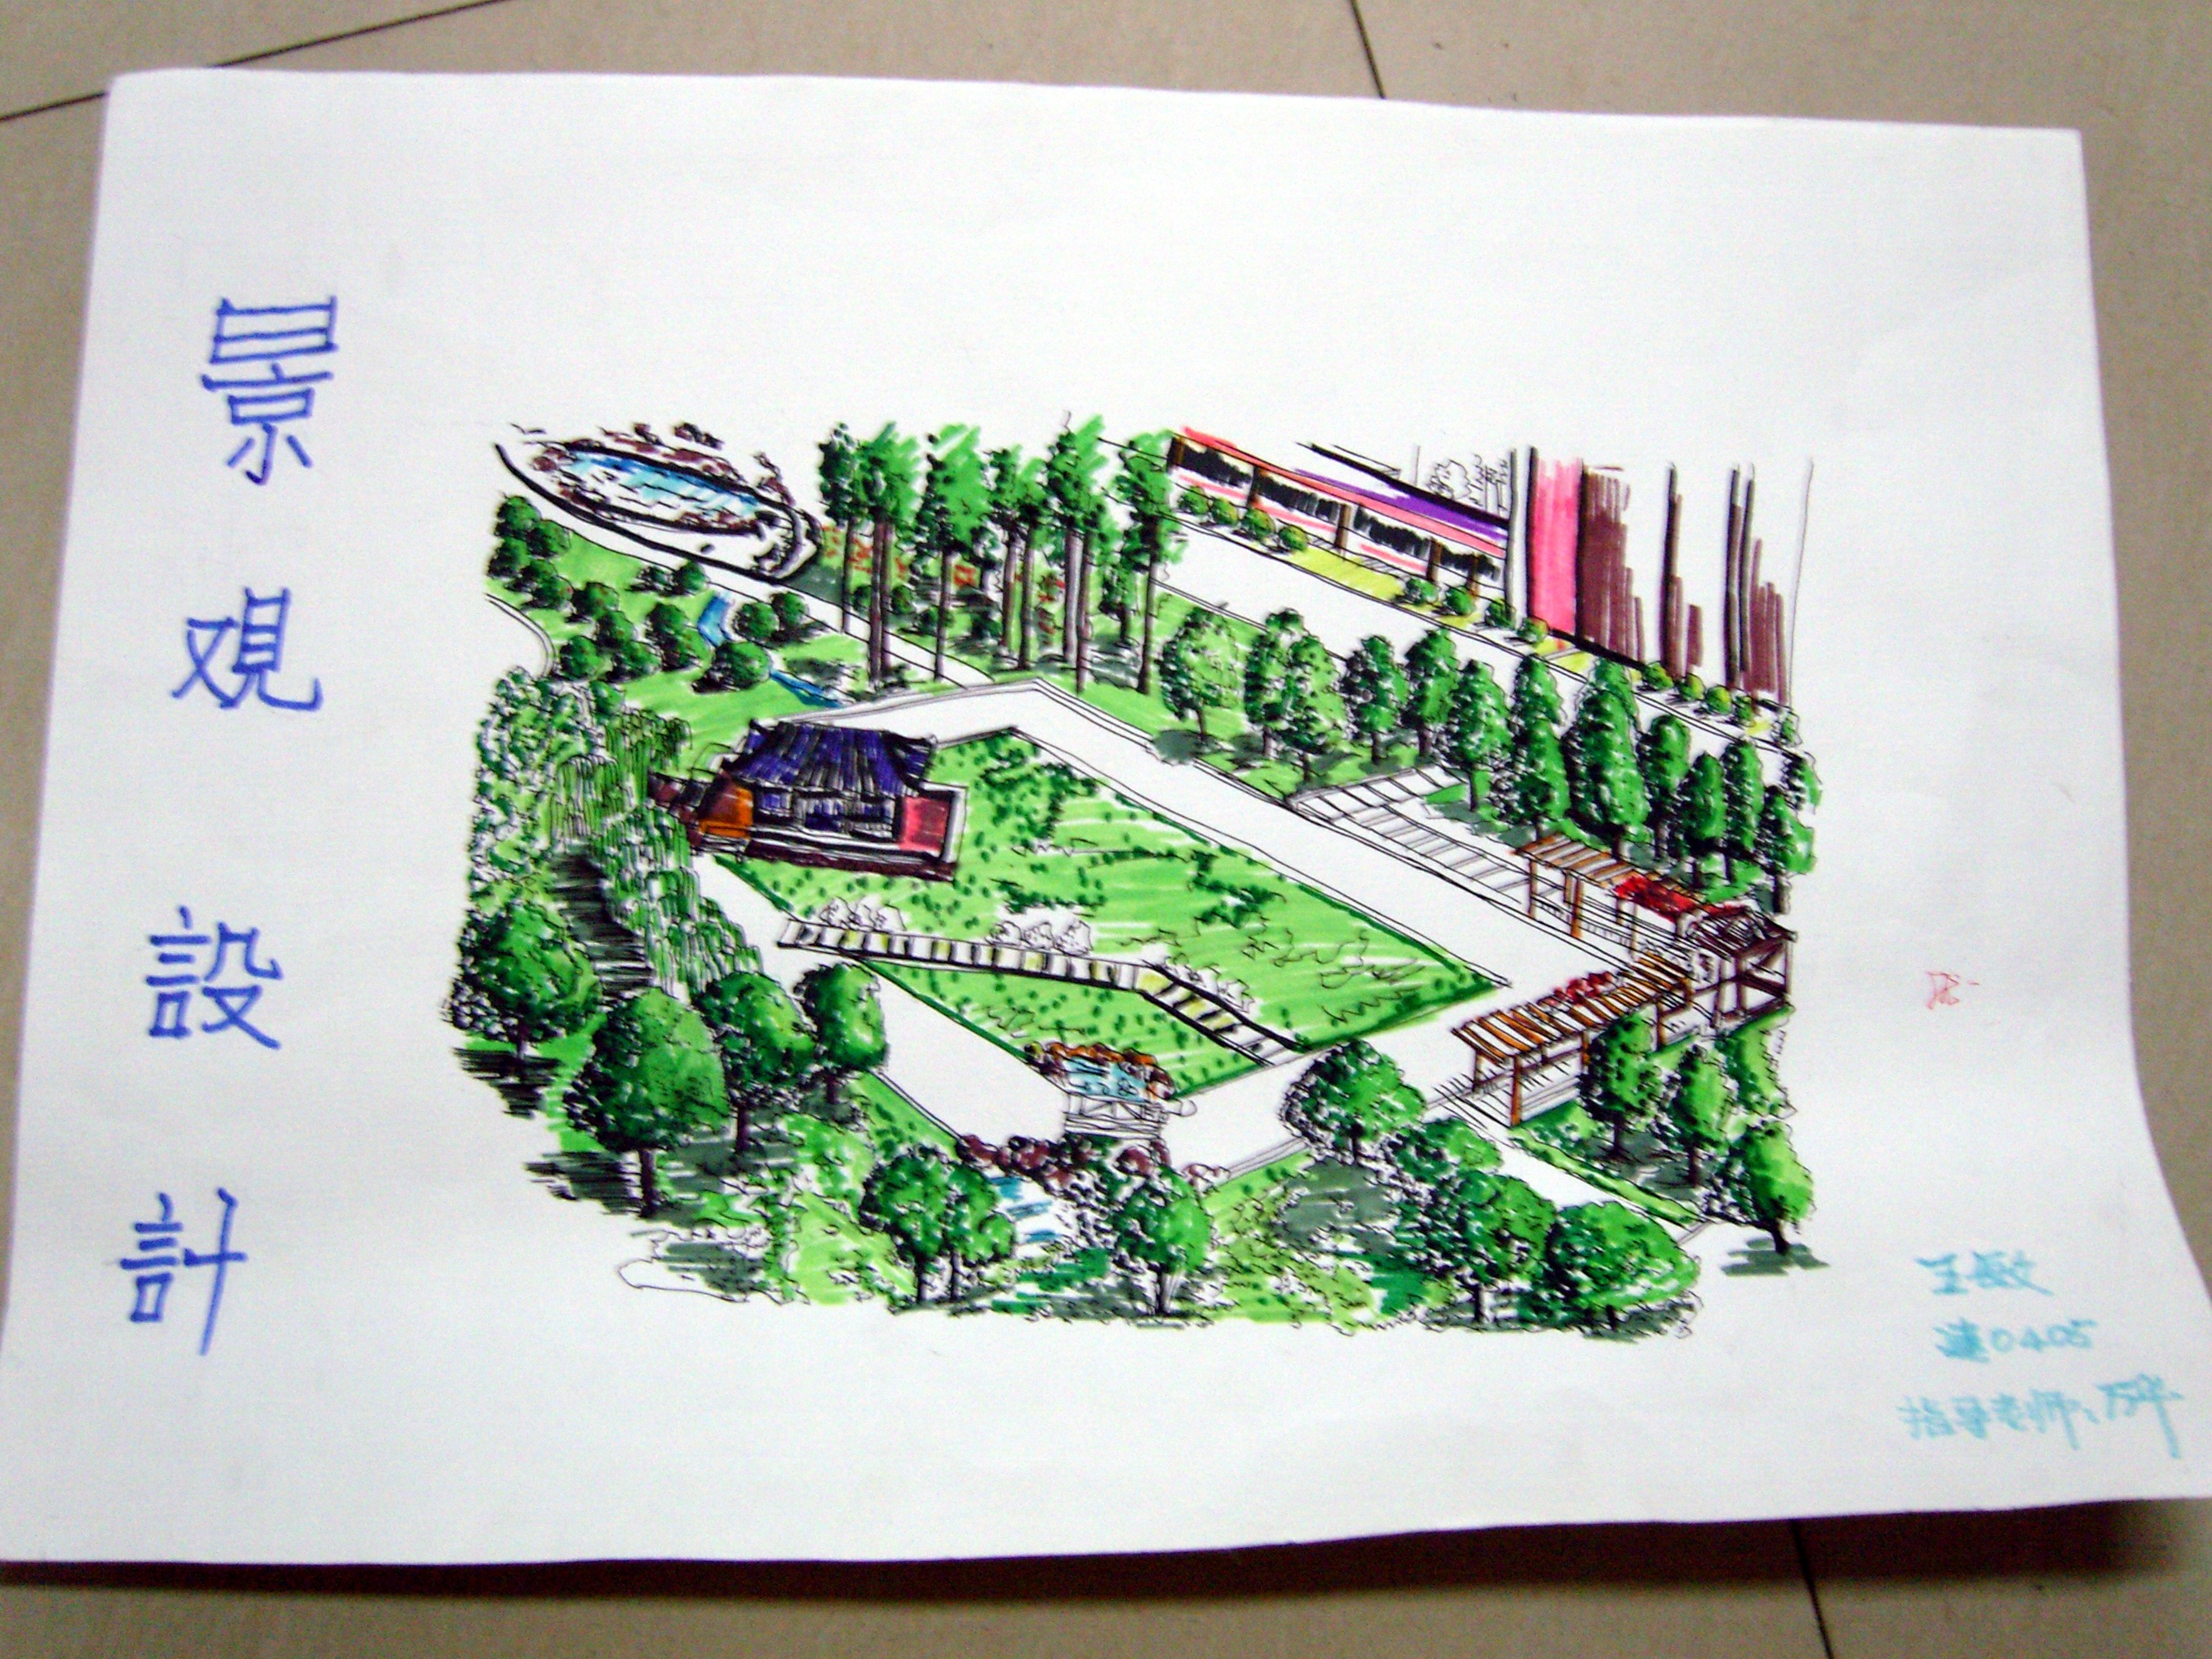 图纸 园林设计图 园林景观效果图 园林景观手绘图 街头绿地规划  投稿